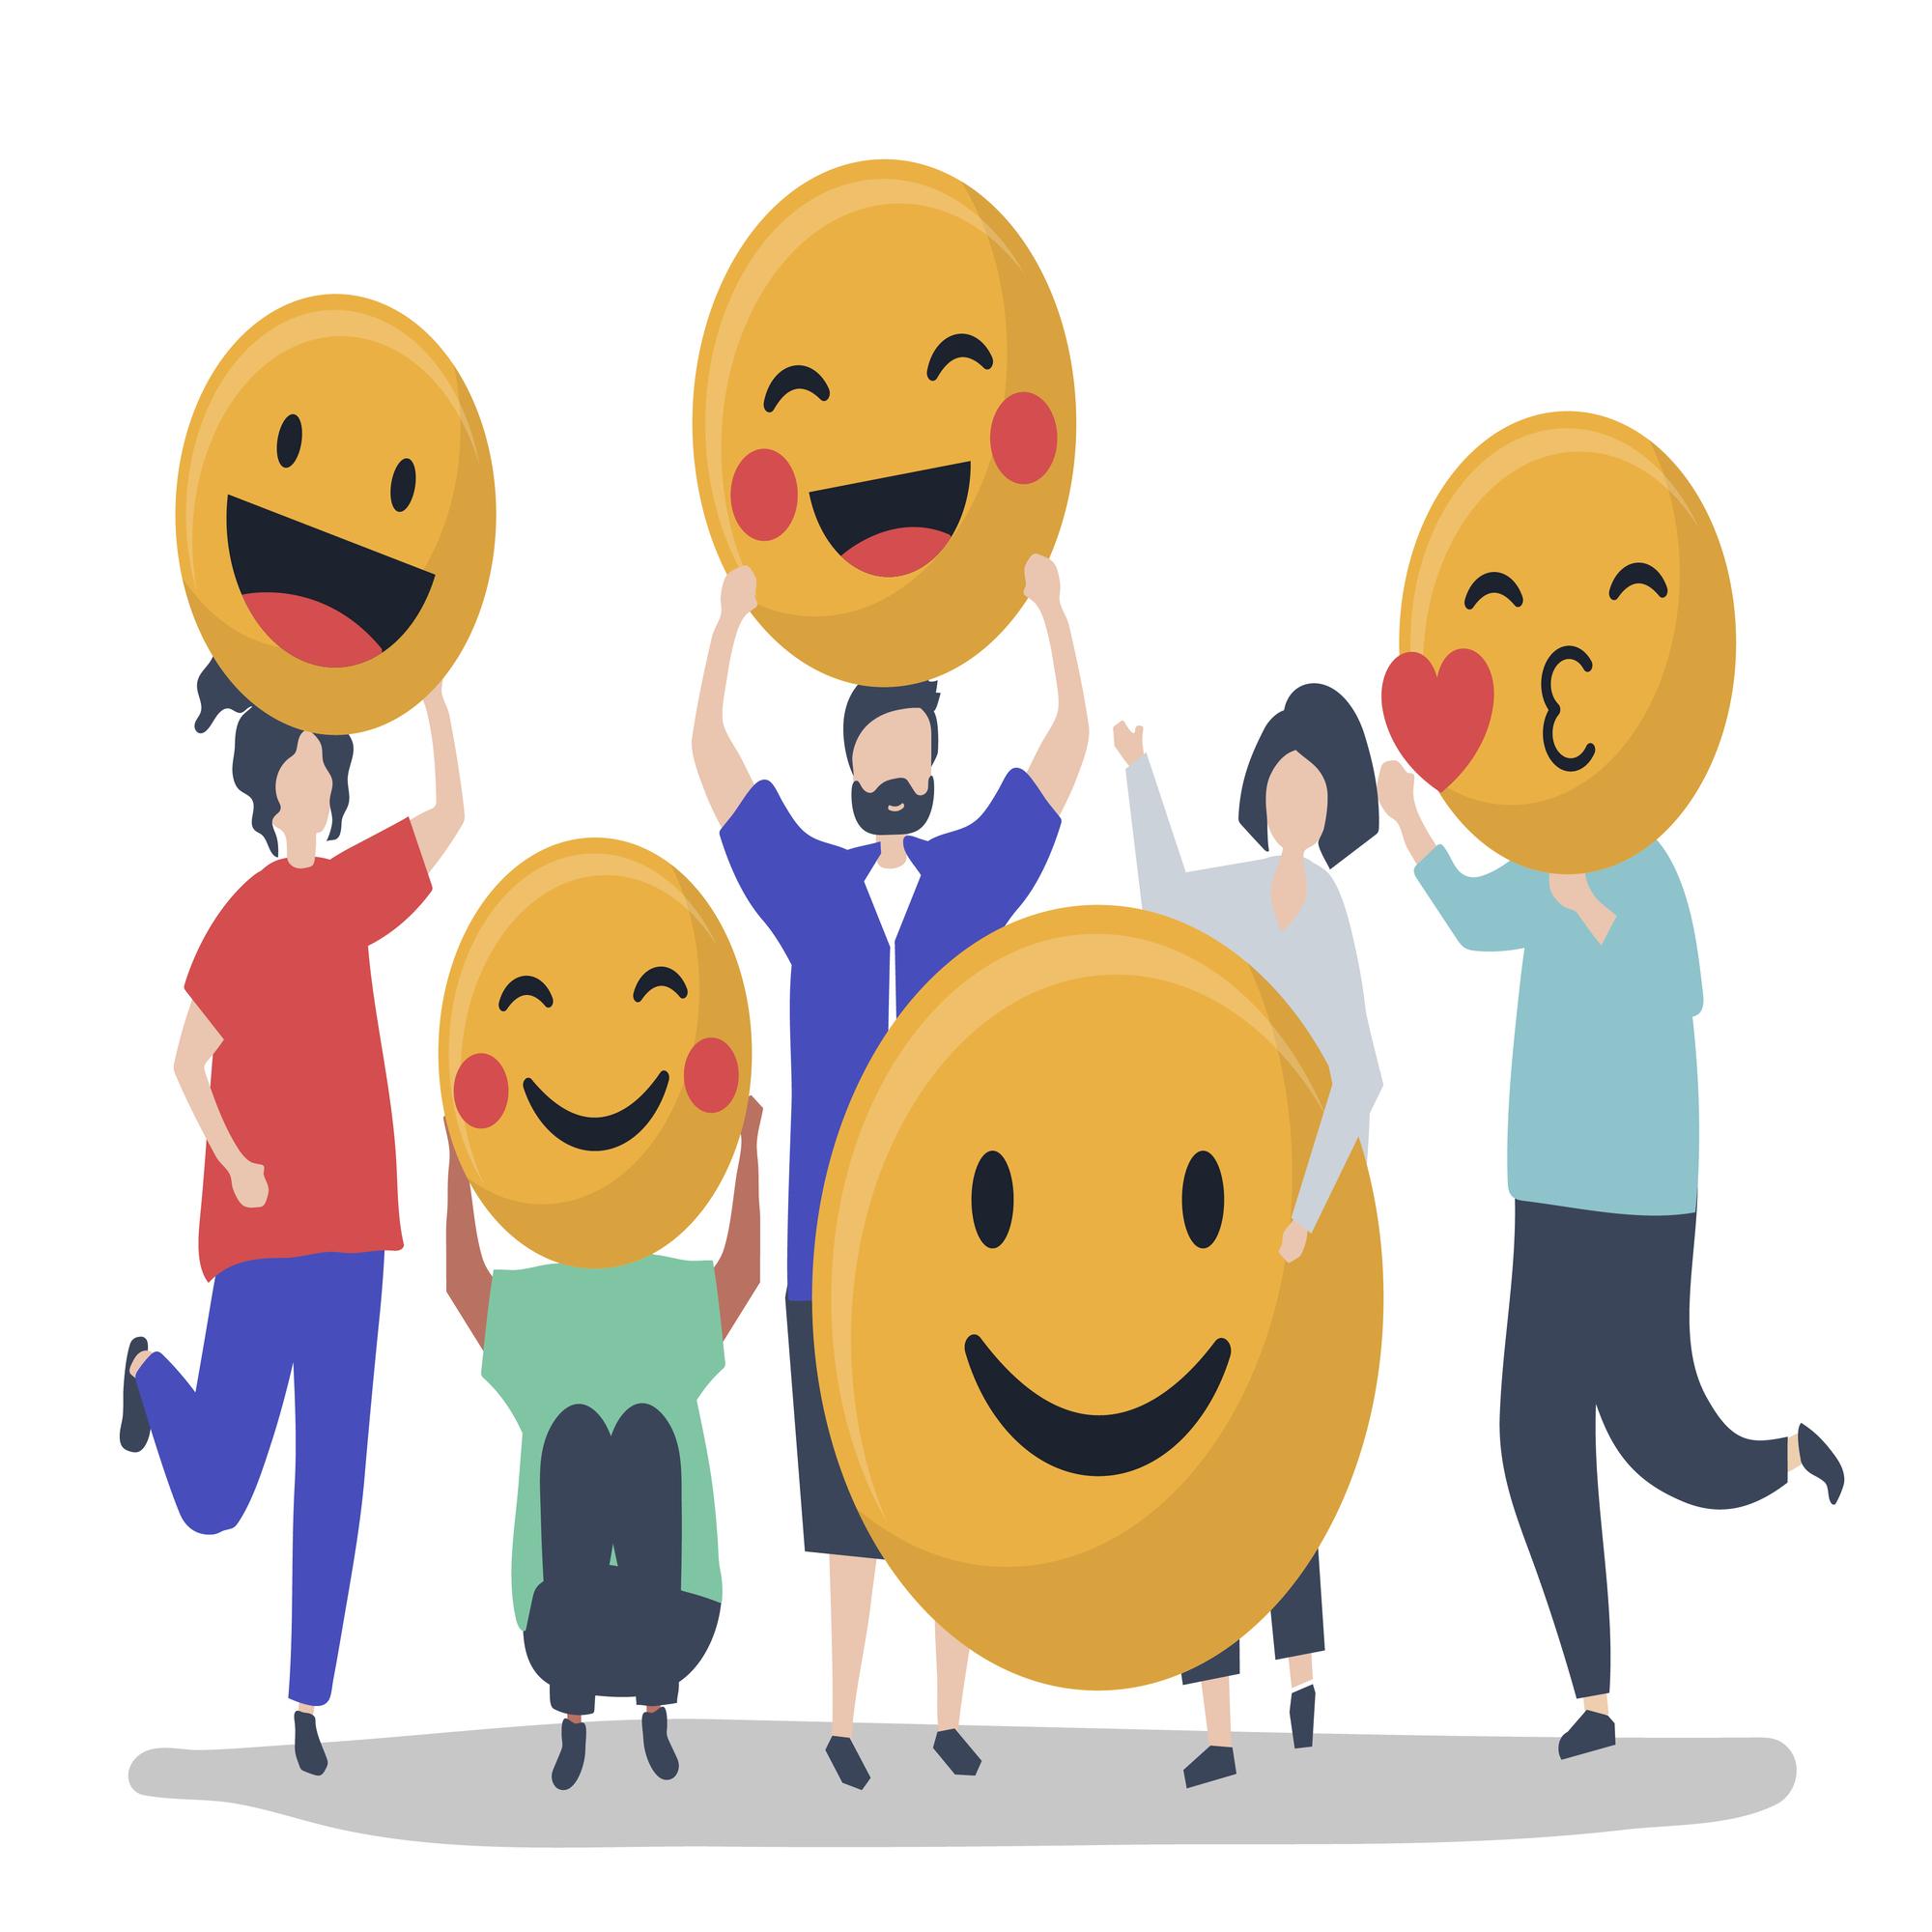 日本人の幸福度が低い理由・・・ 〇〇と〇〇は幸福には関係ないと思えますか?